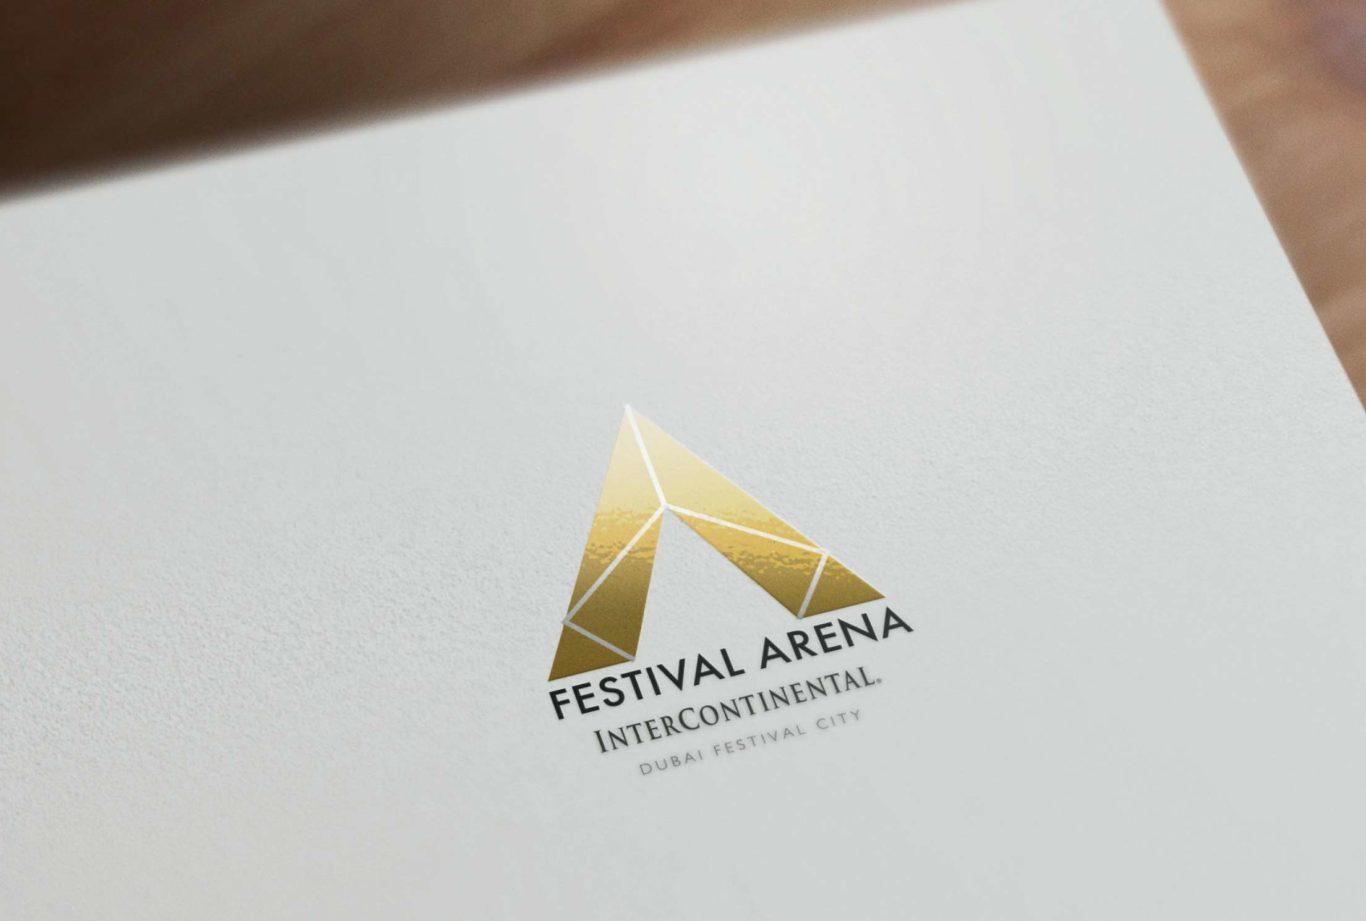 Festival Arena Dubai